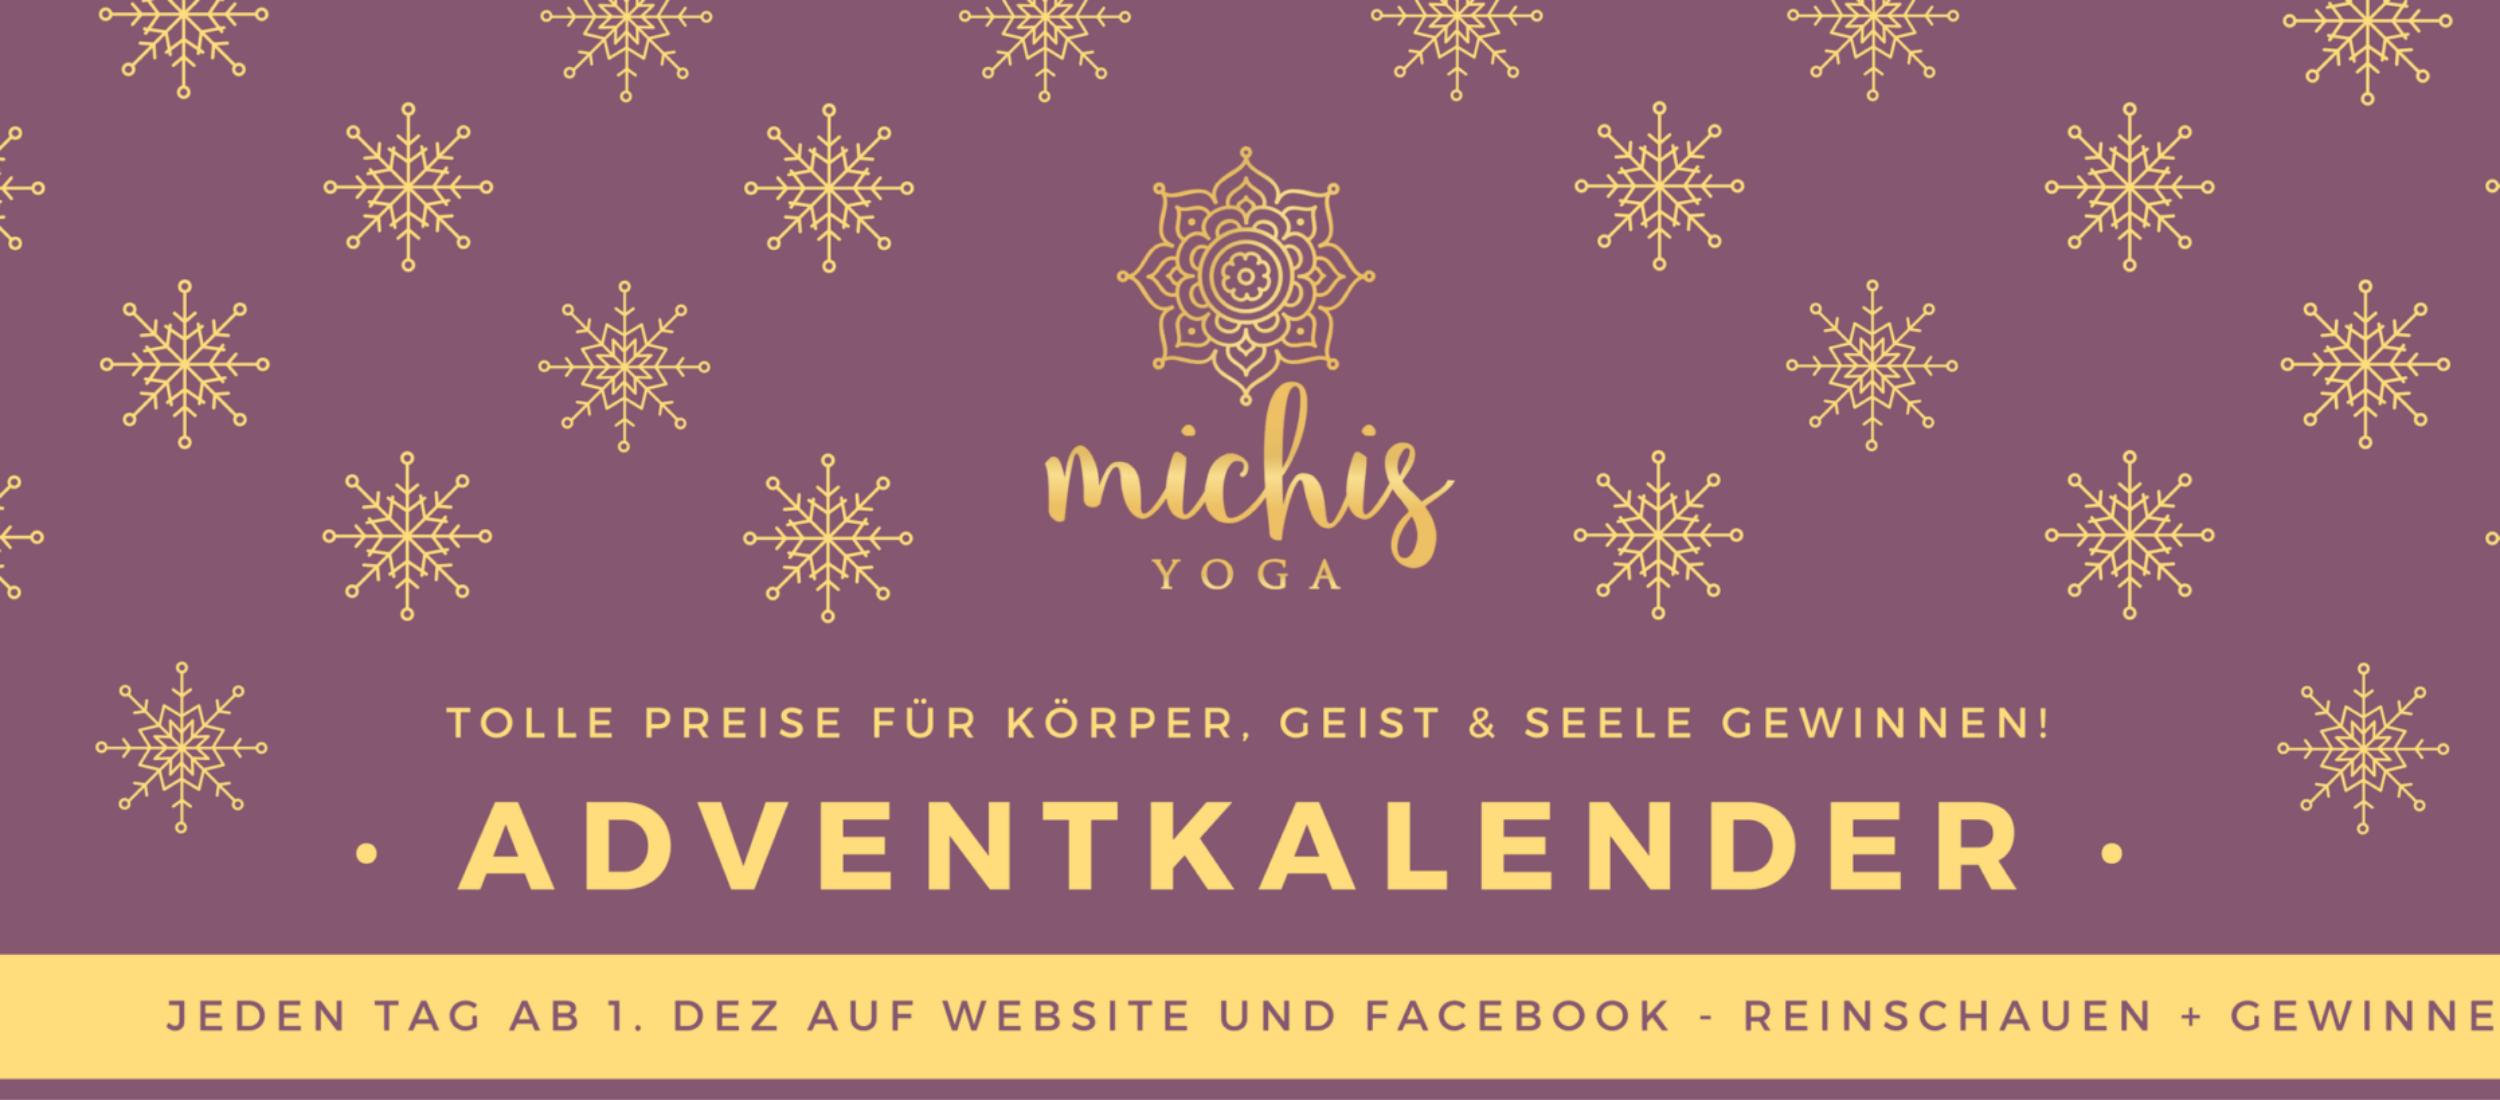 xmas-adventkalender-website-header